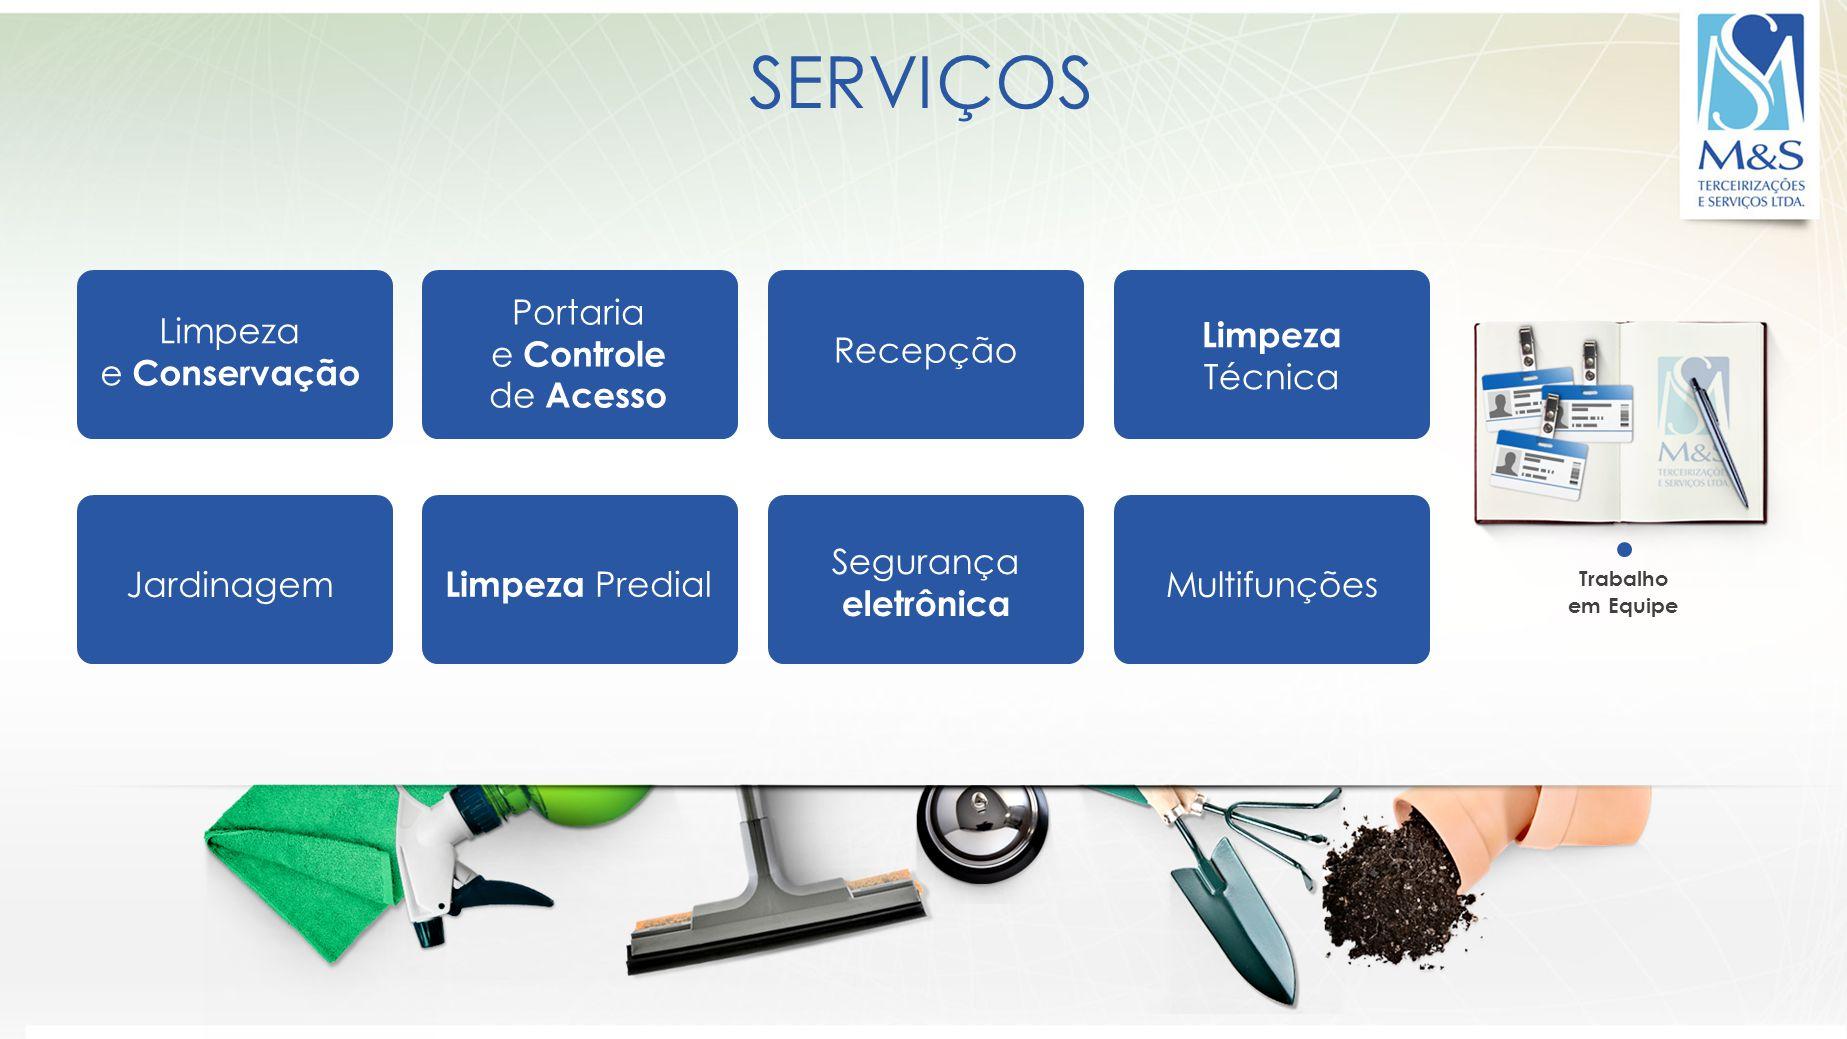 SERVIÇOS A M&S oferece uma ampla gama de serviços, para melhor atendê-lo em todos os setores.